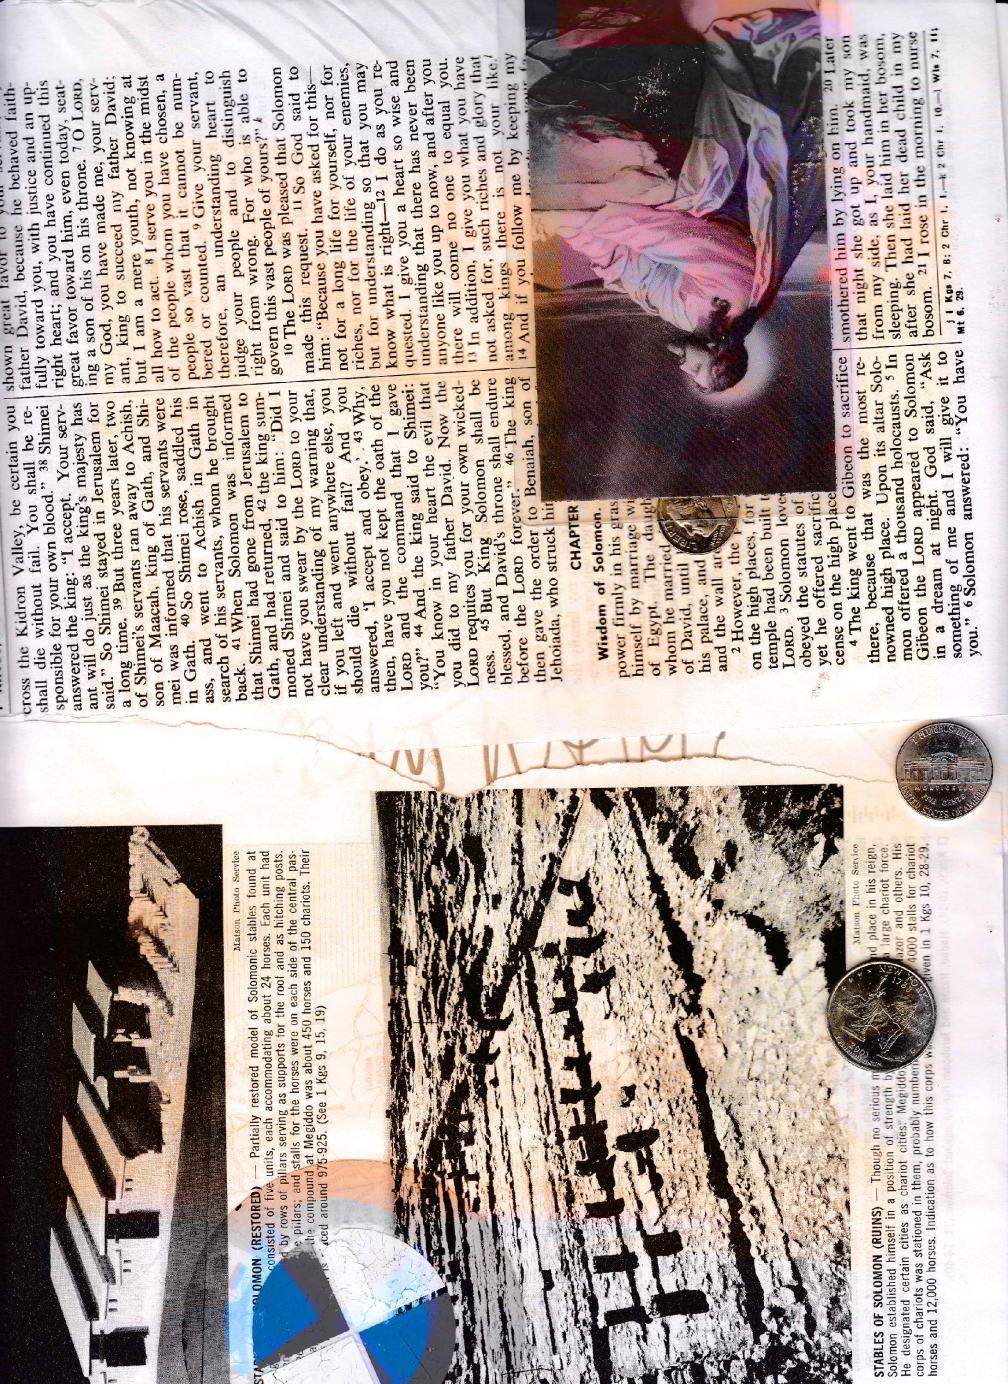 ghost-before-sm.jpg